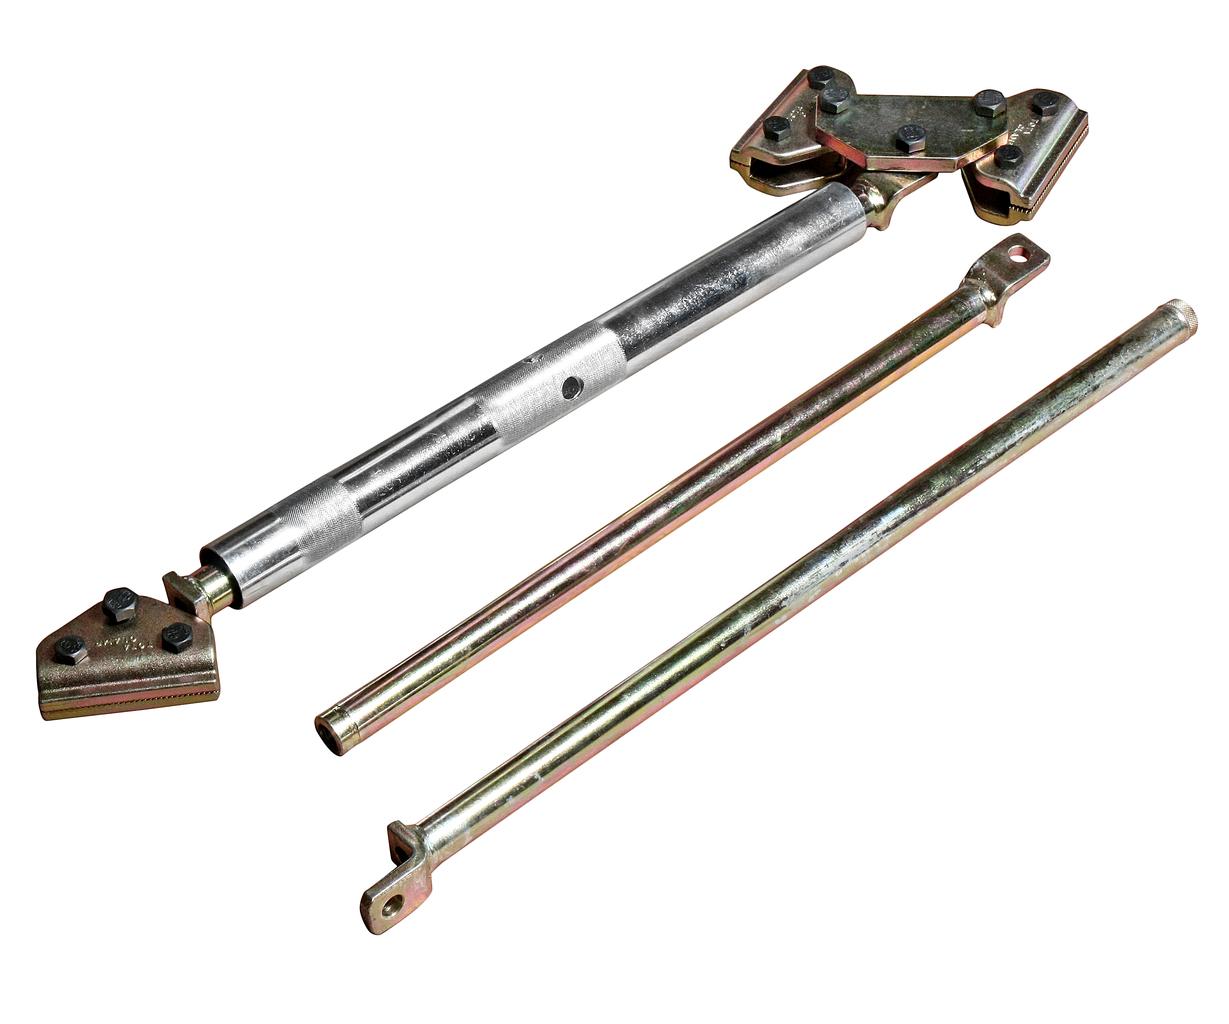 Распорка для проемов кузова универсальная с поворотными захватами и планками 780-1850мм JTC